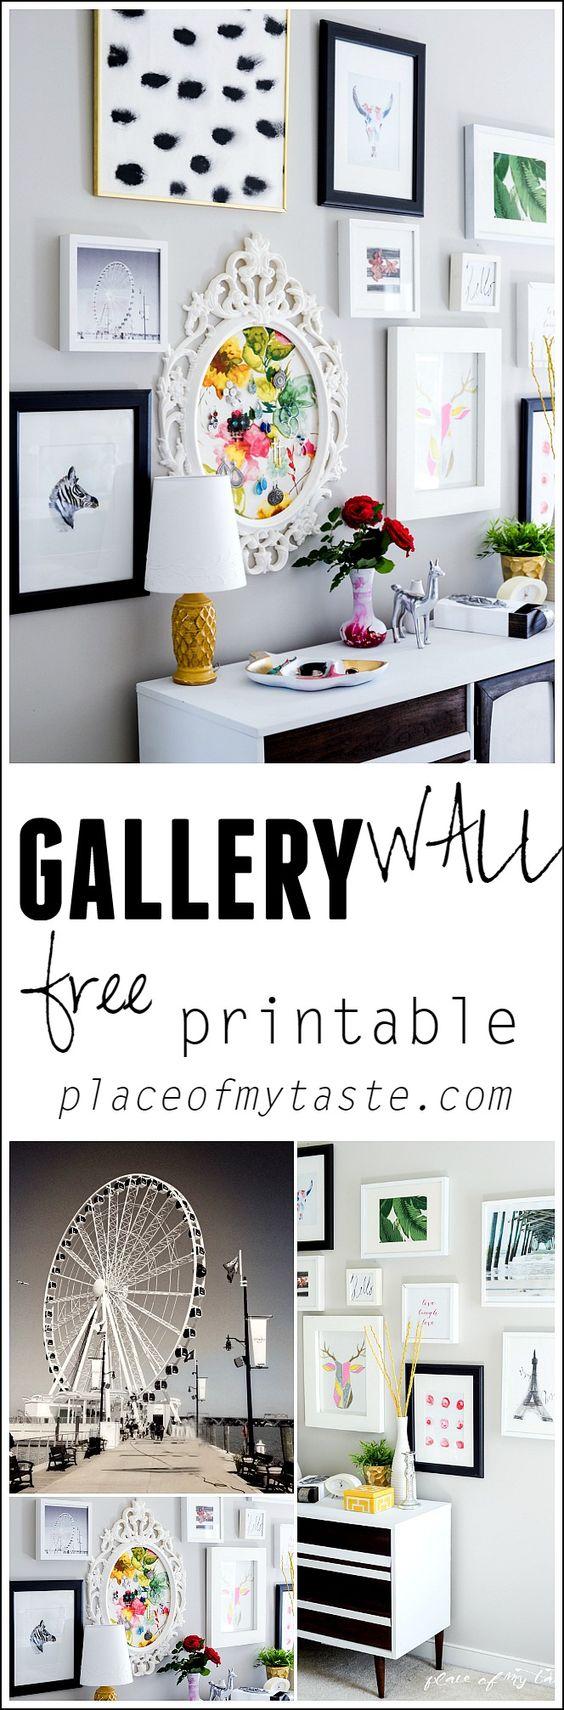 有趣的画廊墙,免费打印。